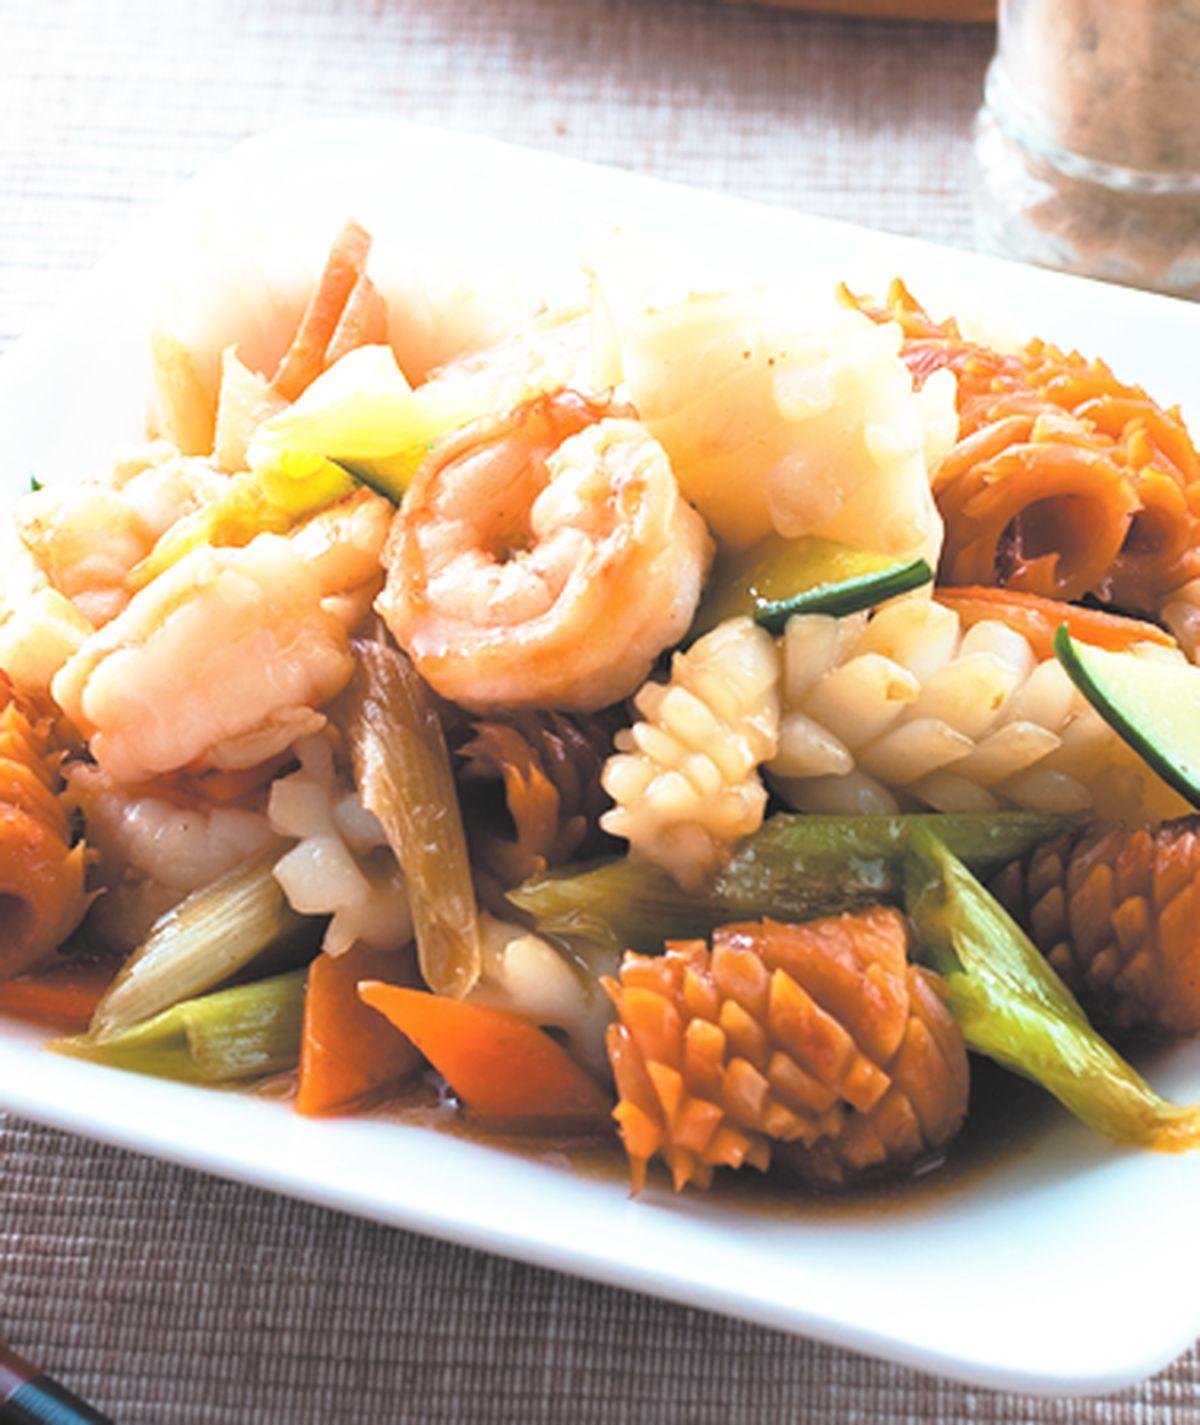 食譜:炒三鮮(1)